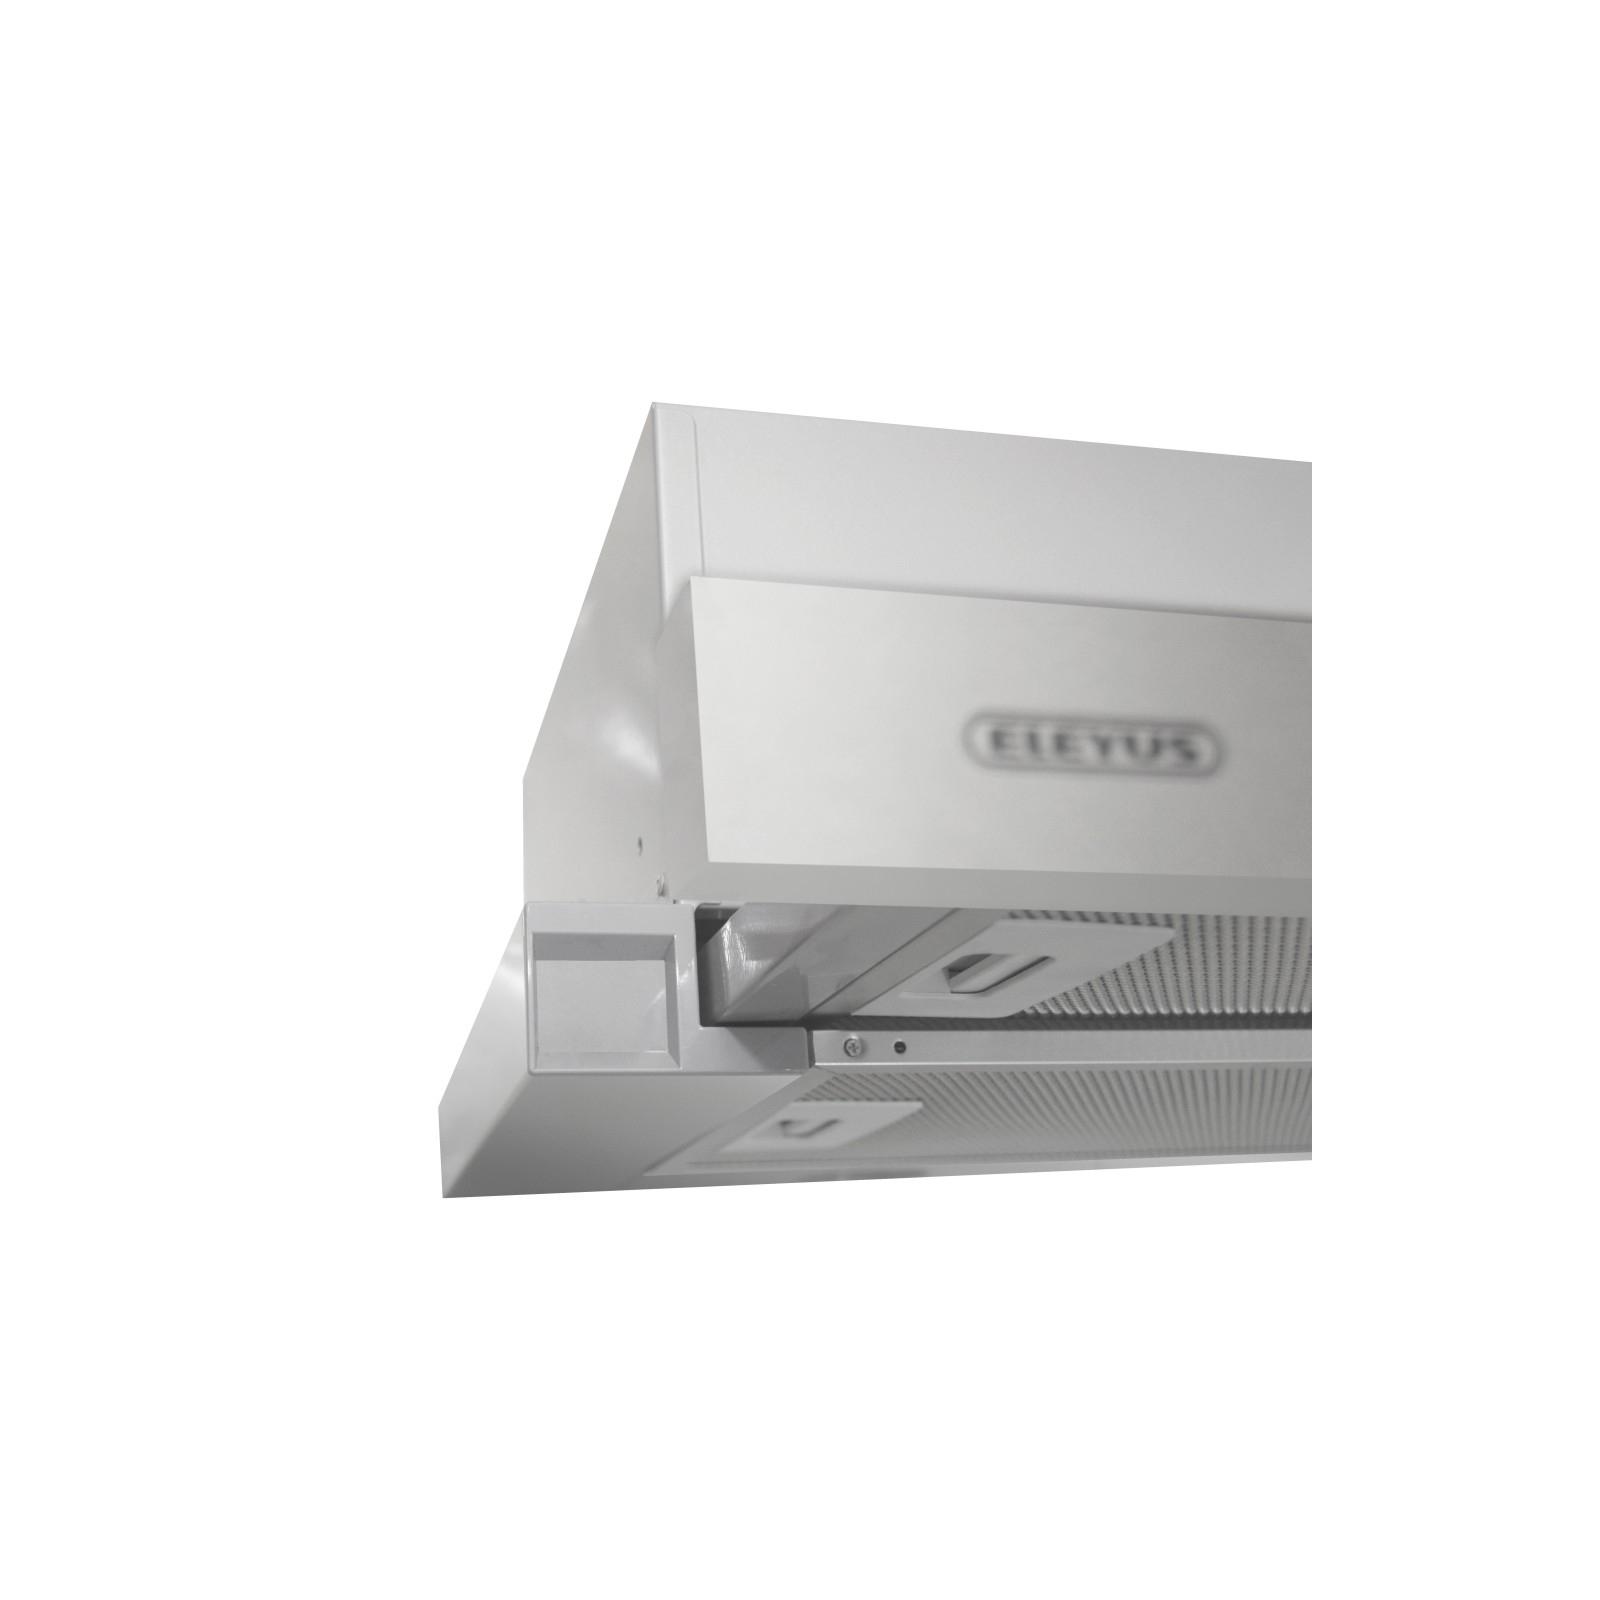 Вытяжка кухонная Eleyus LOTUS 1000 50 INOX изображение 6